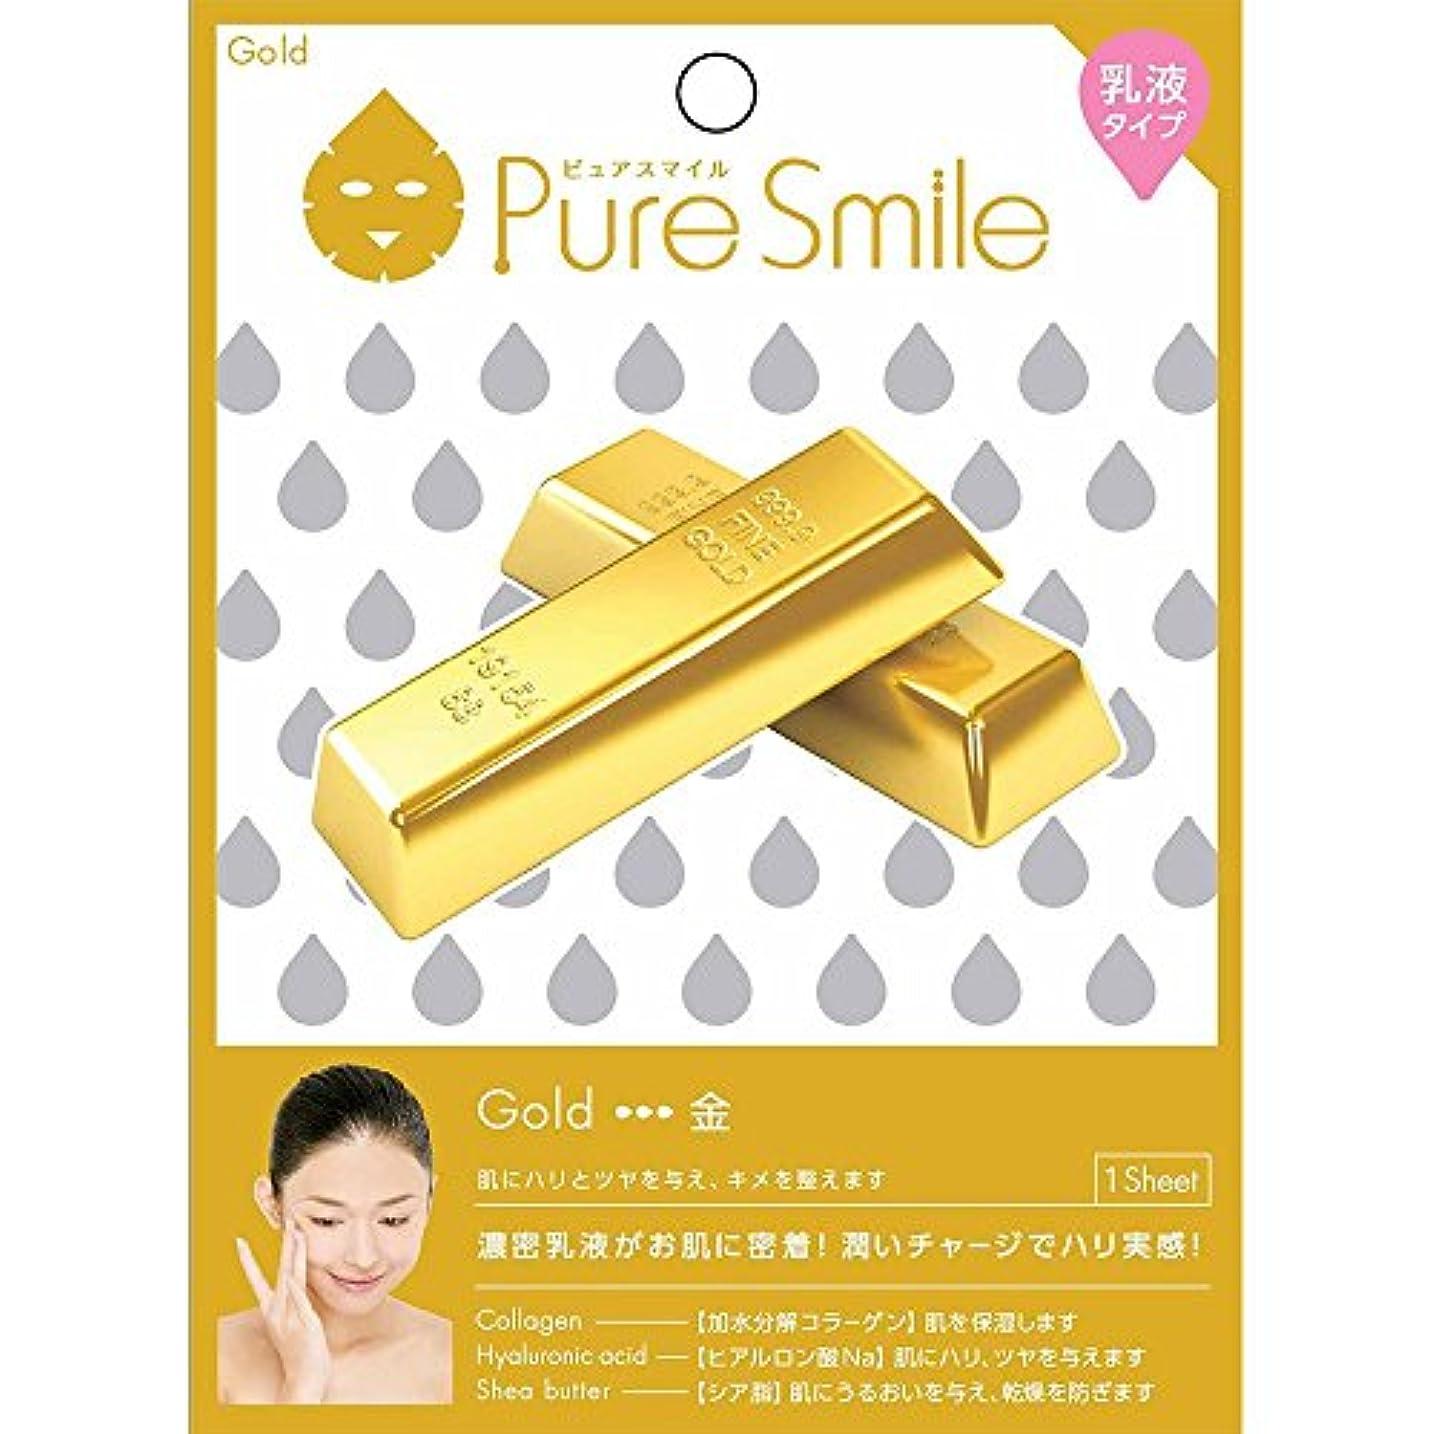 シーフード一晩タッチPure Smile(ピュアスマイル) 乳液エッセンスマスク 1 枚 金